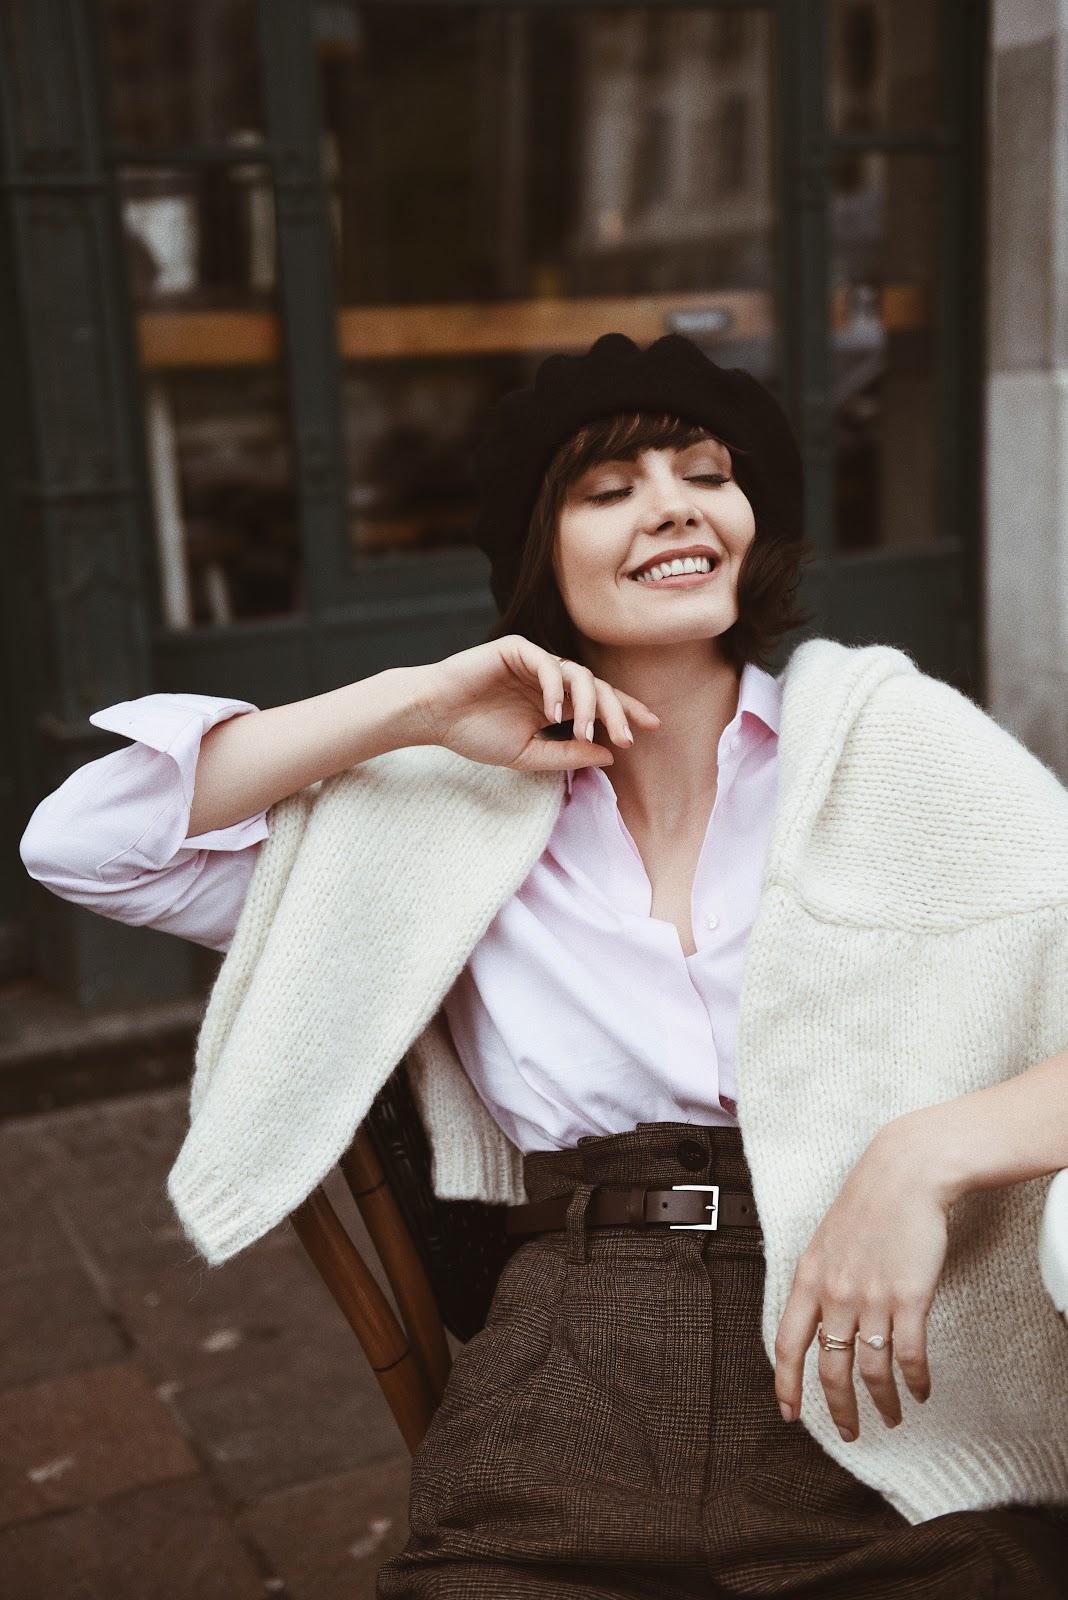 d35f68db7972b0 Koszula i sweter, czyli zestaw idealny na jesień / Projekt koszula ...